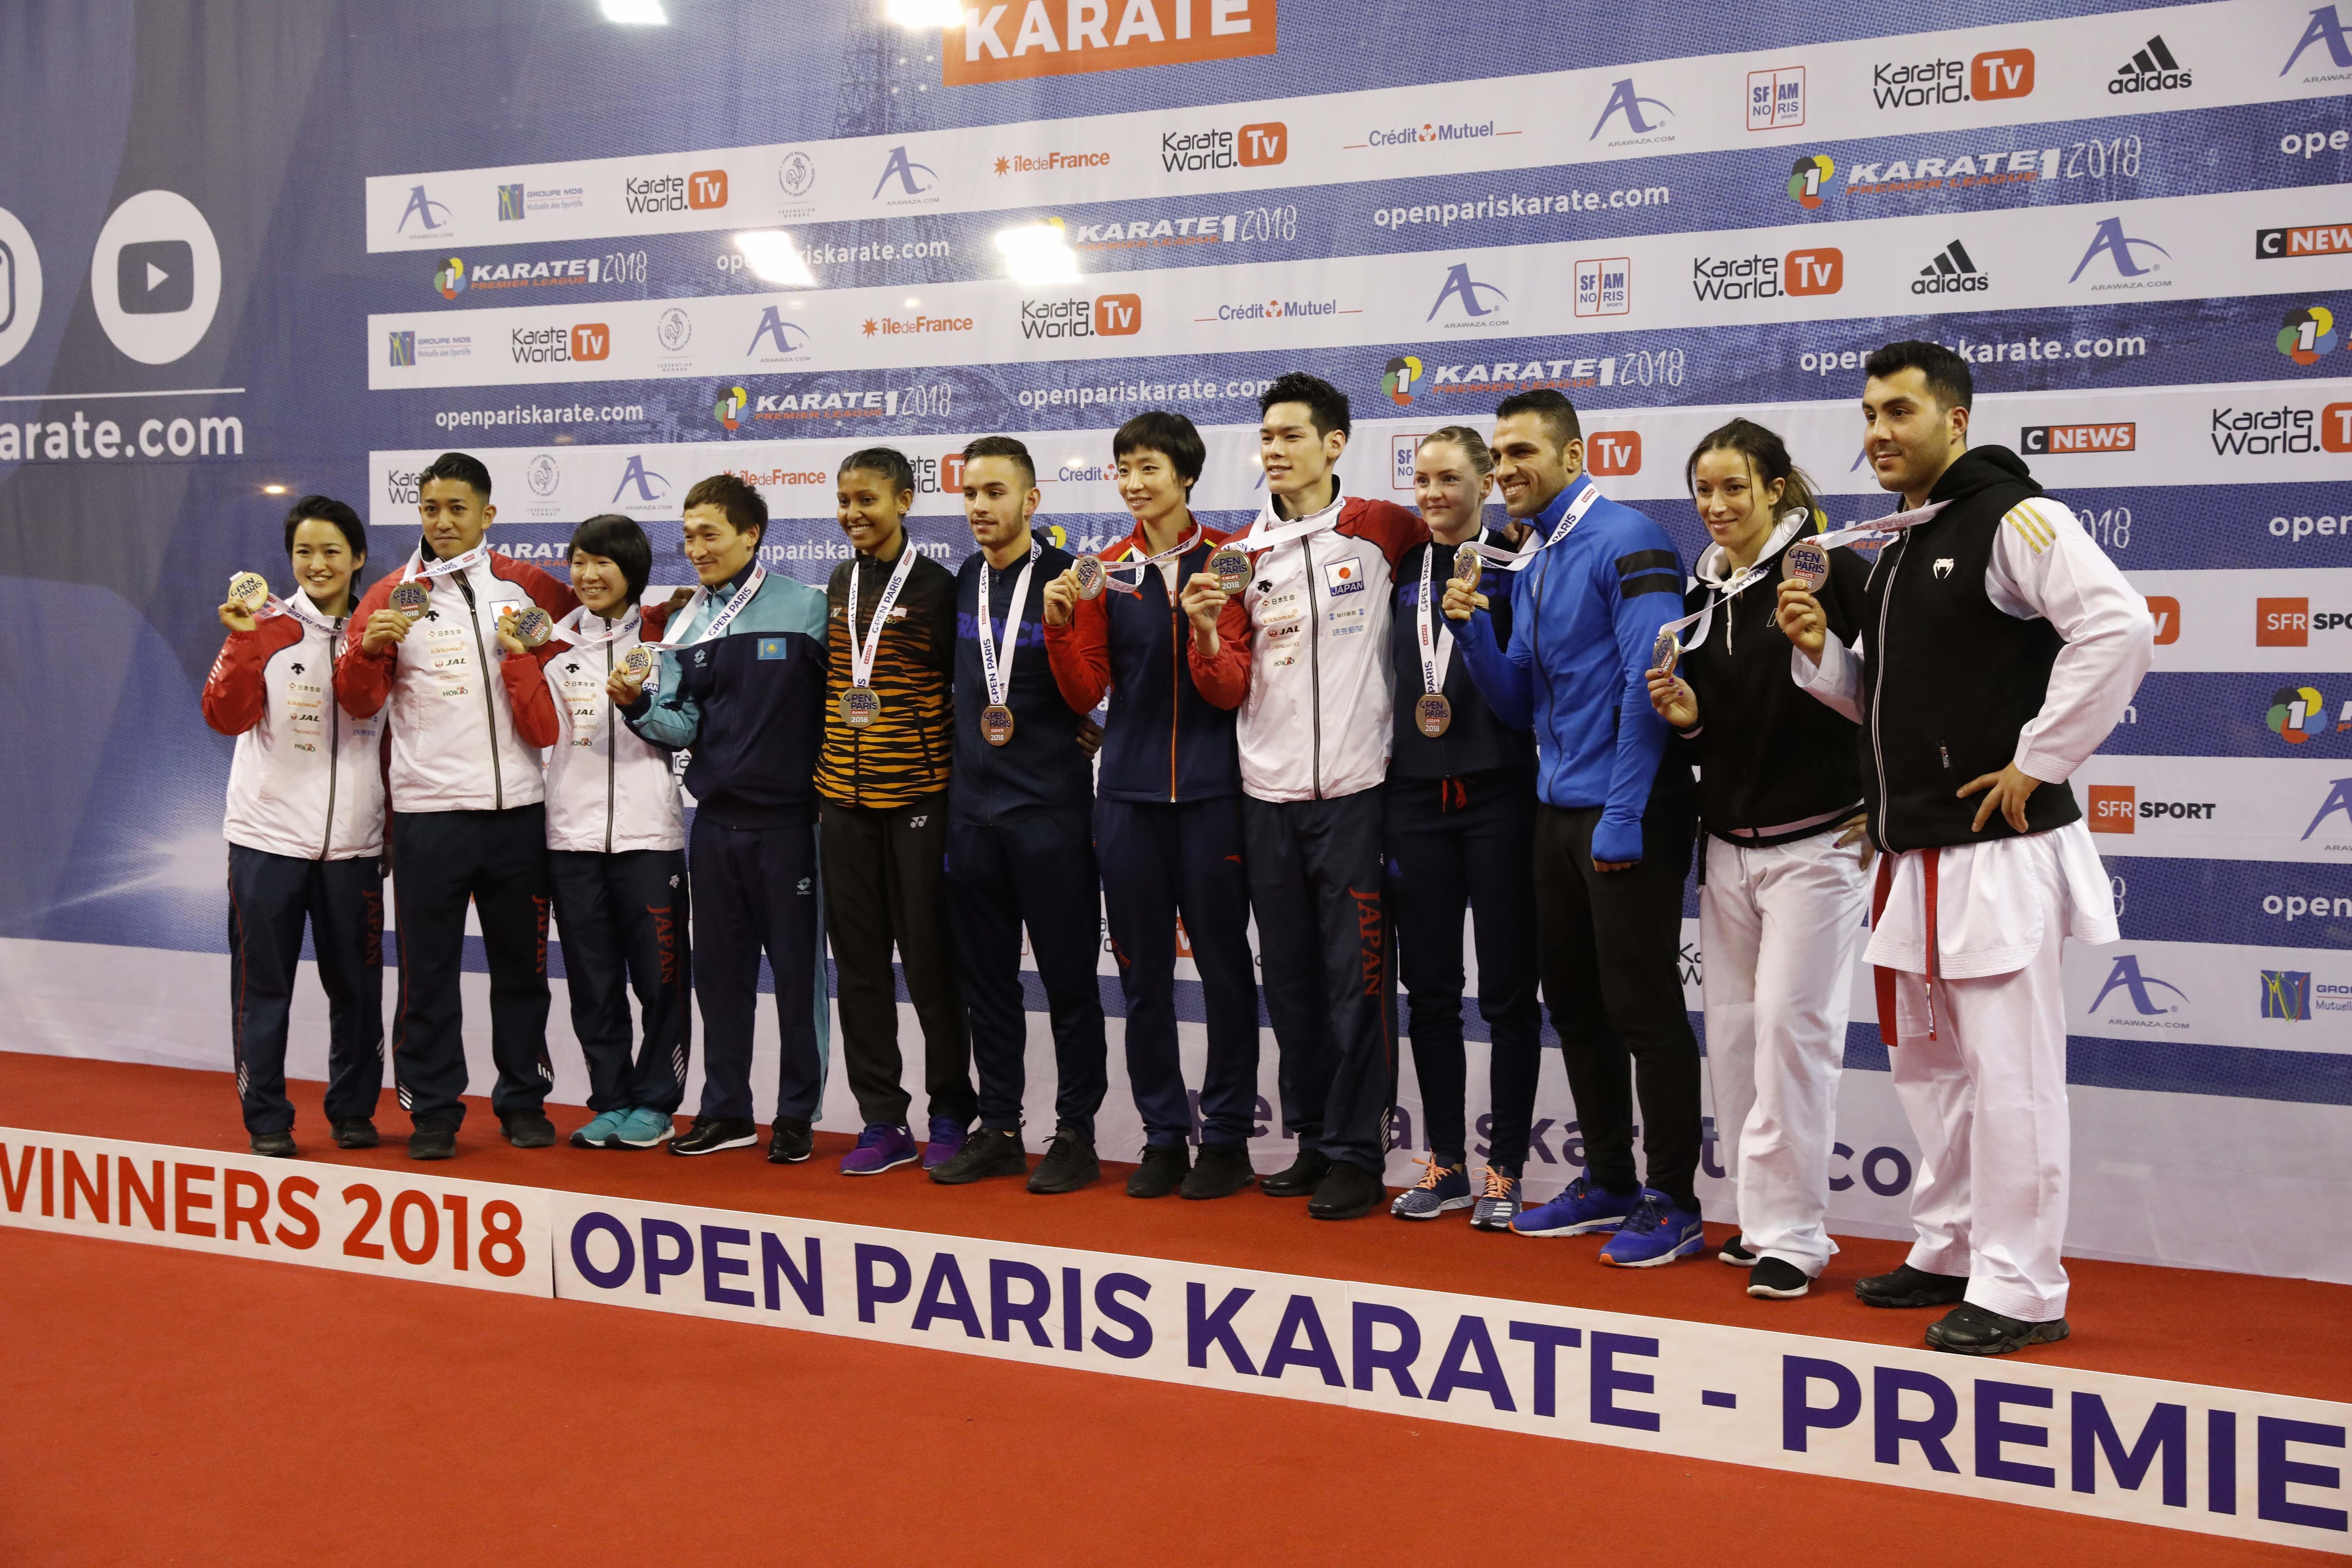 """Златната лига по карате """"ката"""" в Париж стартира със 776 състезатели"""